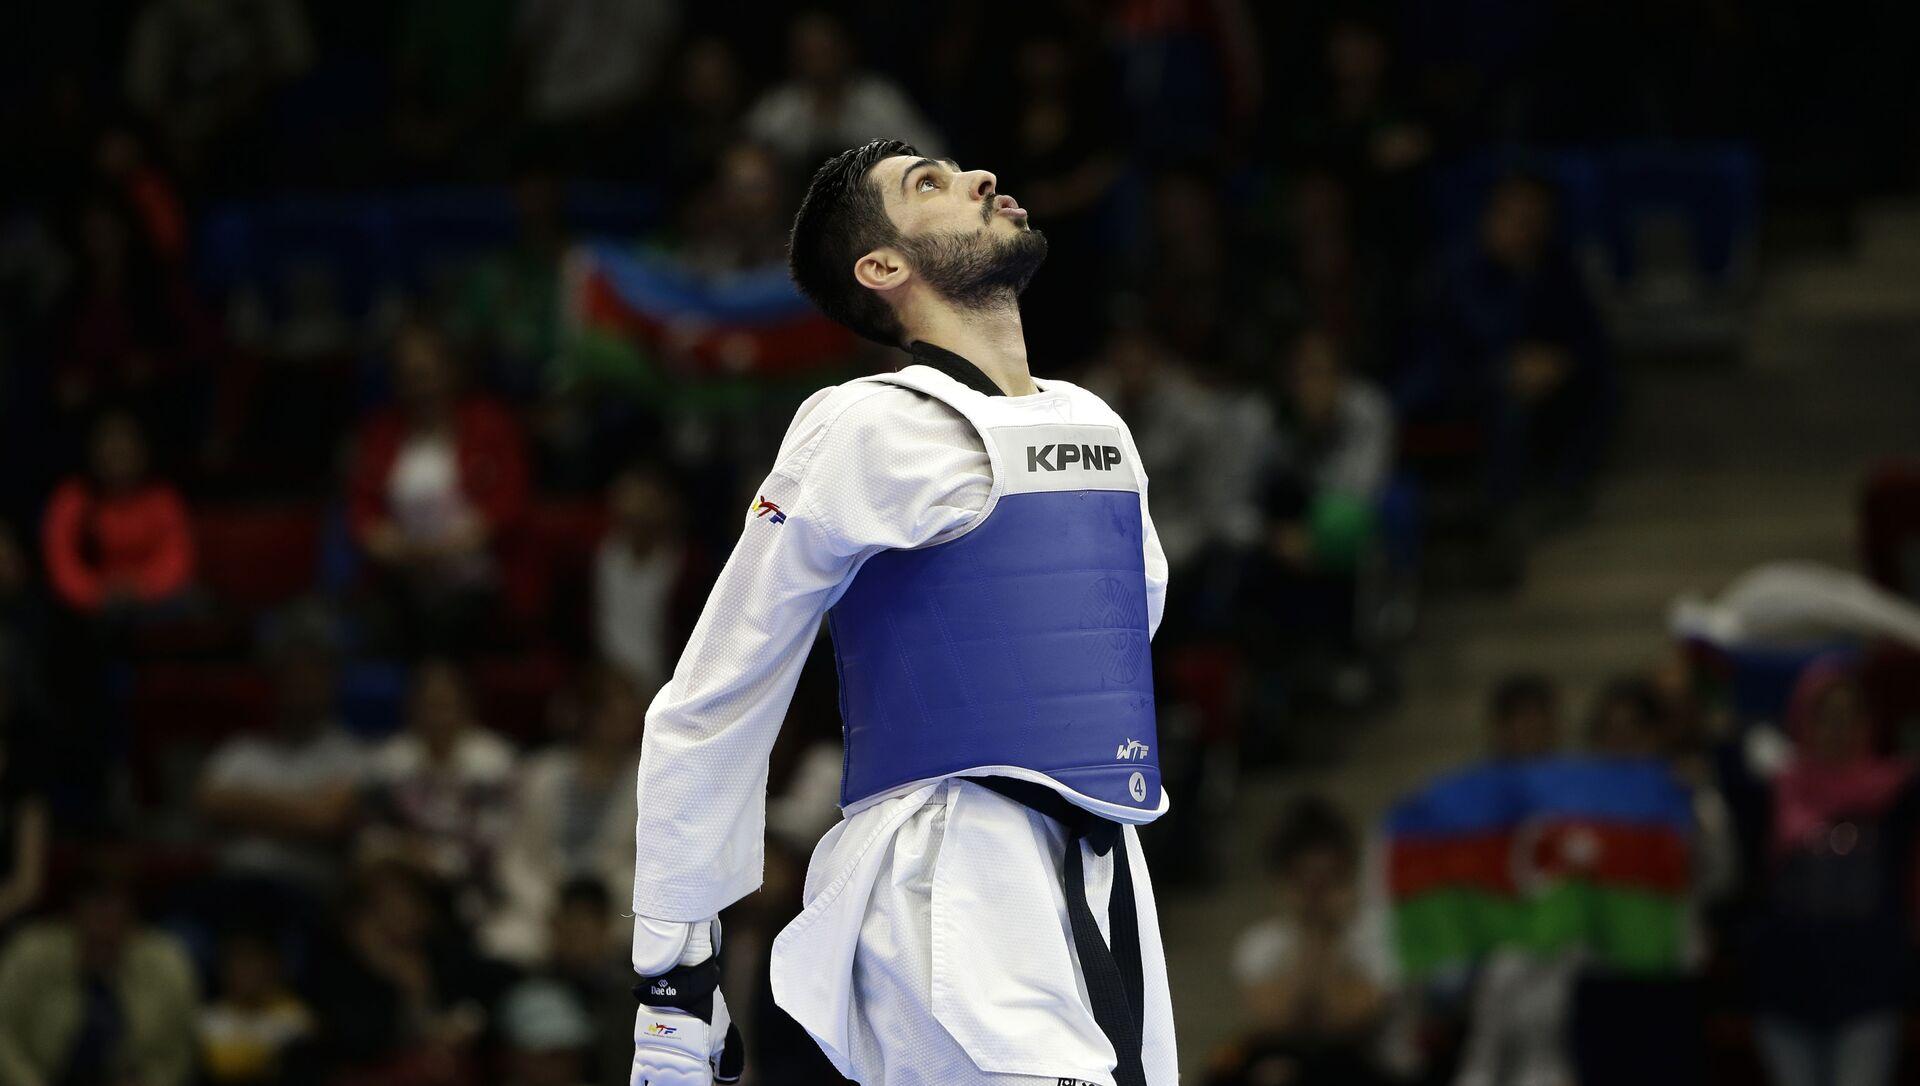 Азербайджанский таэквондист Милад Бейги Харчегани - Sputnik Азербайджан, 1920, 11.03.2021